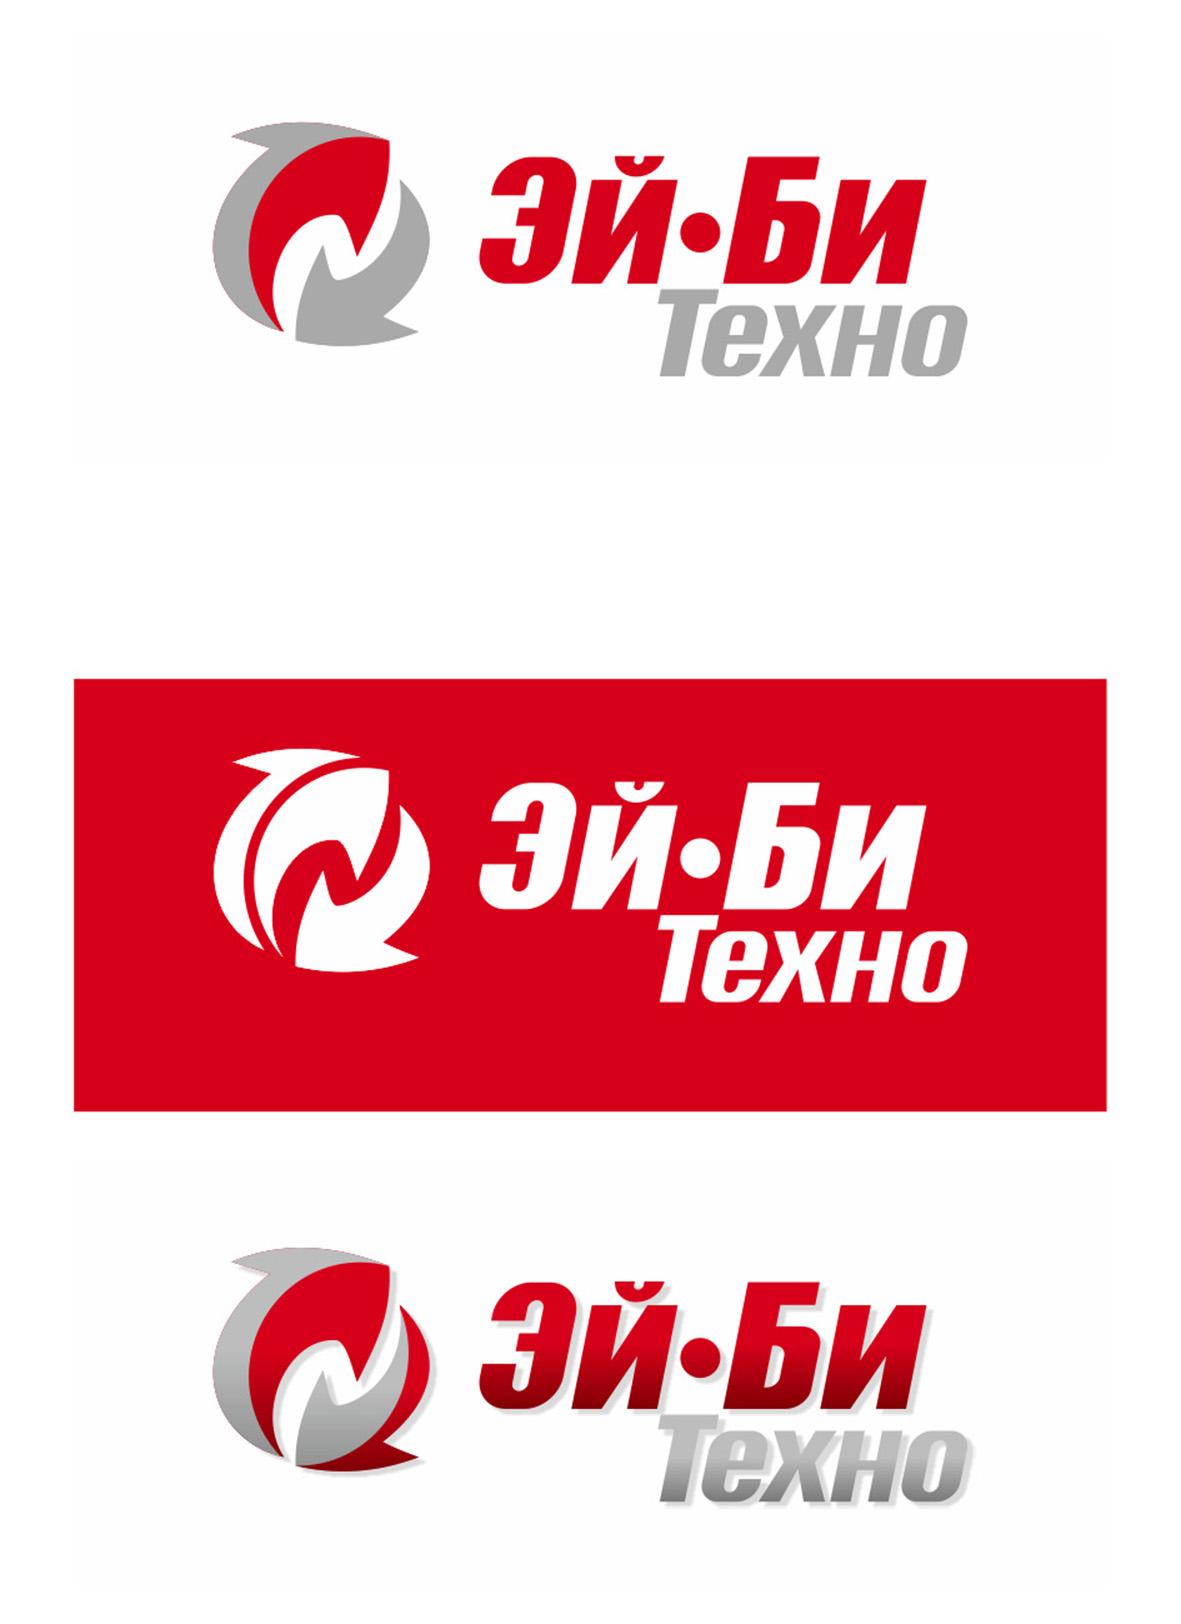 Разработка логотипа и фирменного стиля фото f_2305cd854a3816b0.jpg